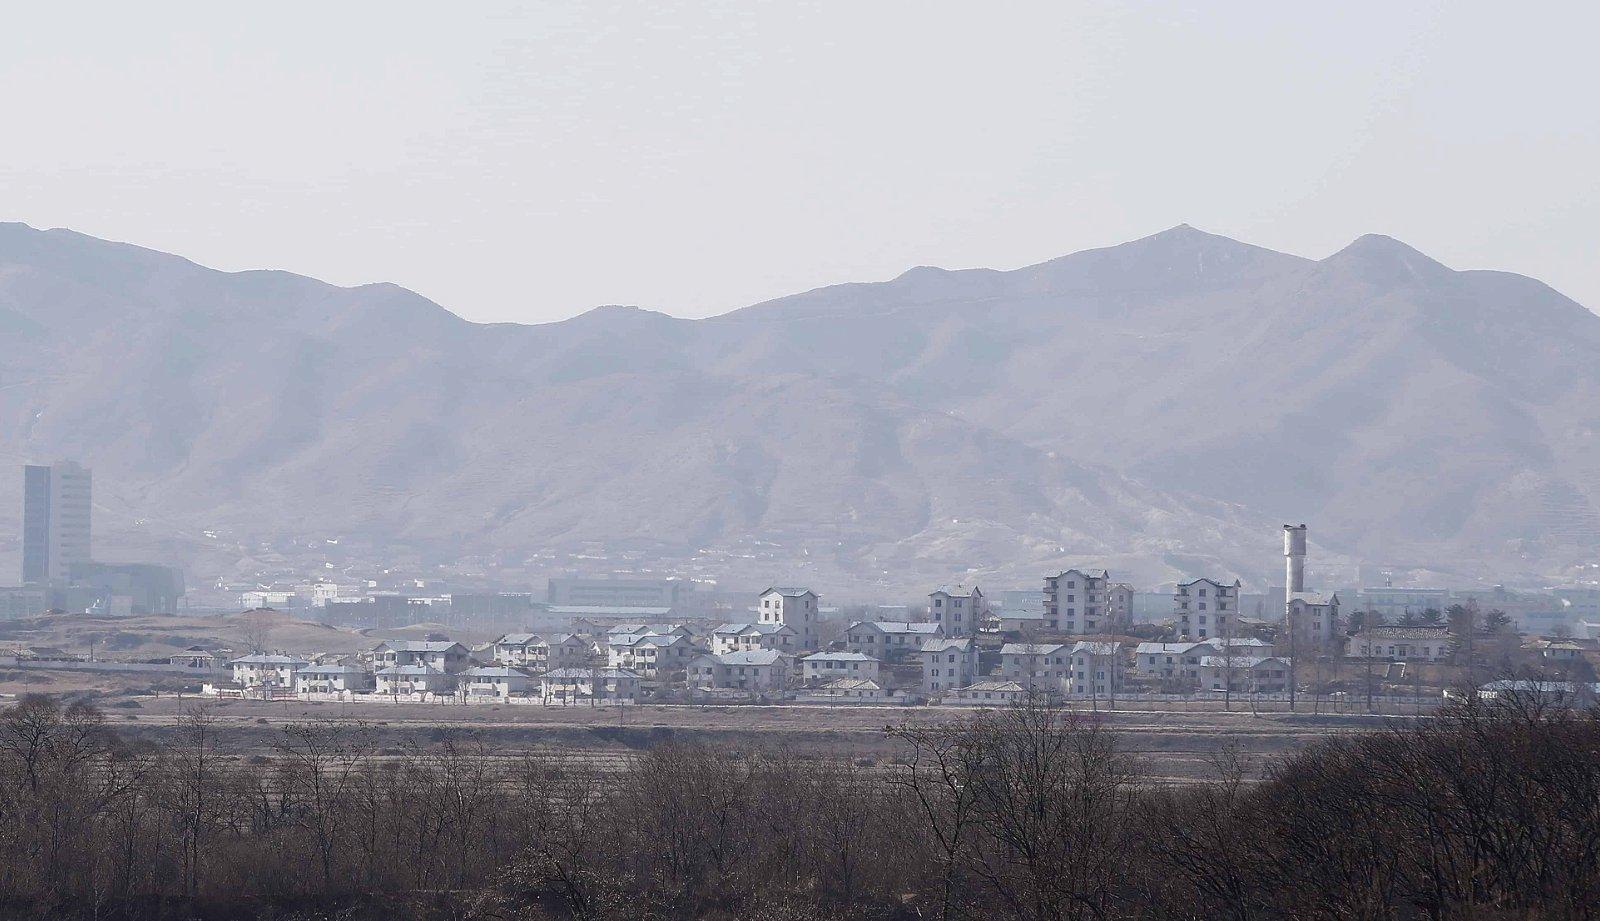 Een beeld op afstand van de stad Kijong-dong in Noord-Korea, met bergen op de achtergrond.